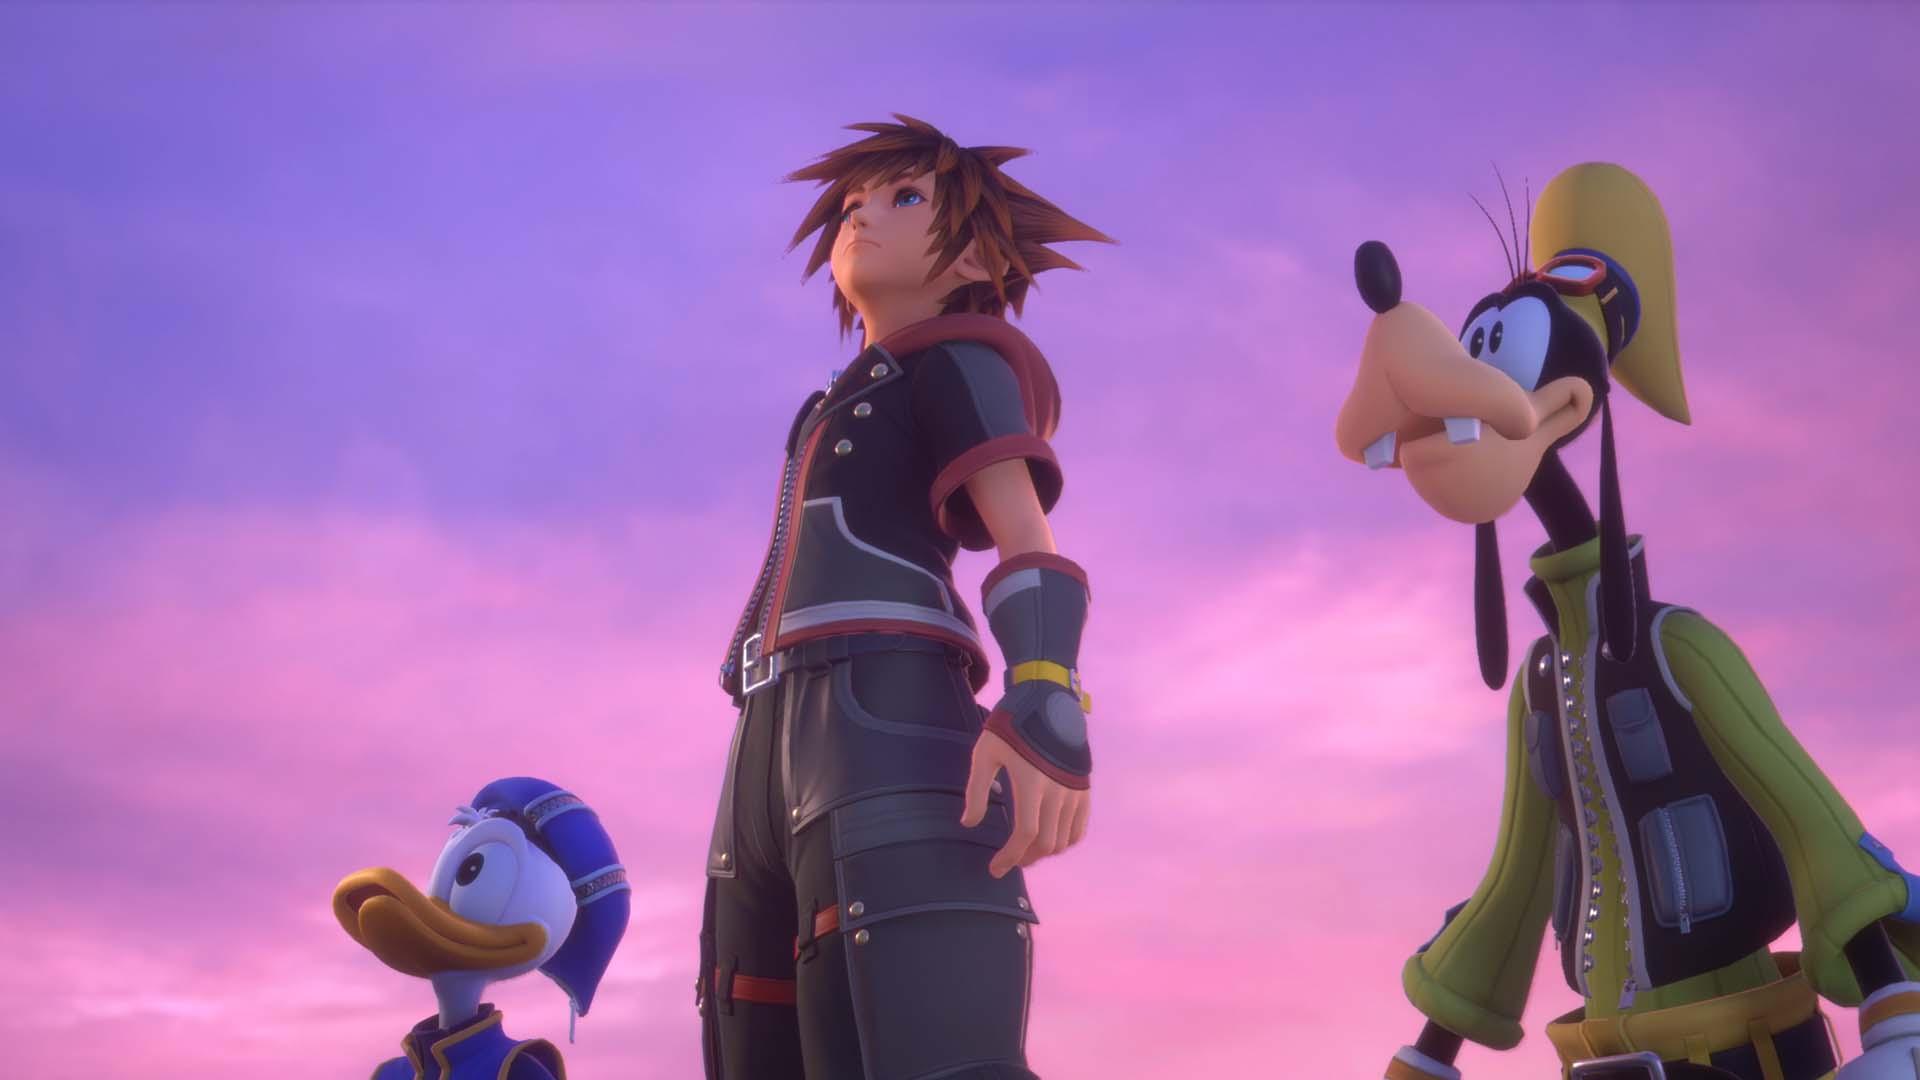 """RESEÑA: """"Kingdom Hearts III"""", la luz y la oscuridad se enfrentan por última vez"""